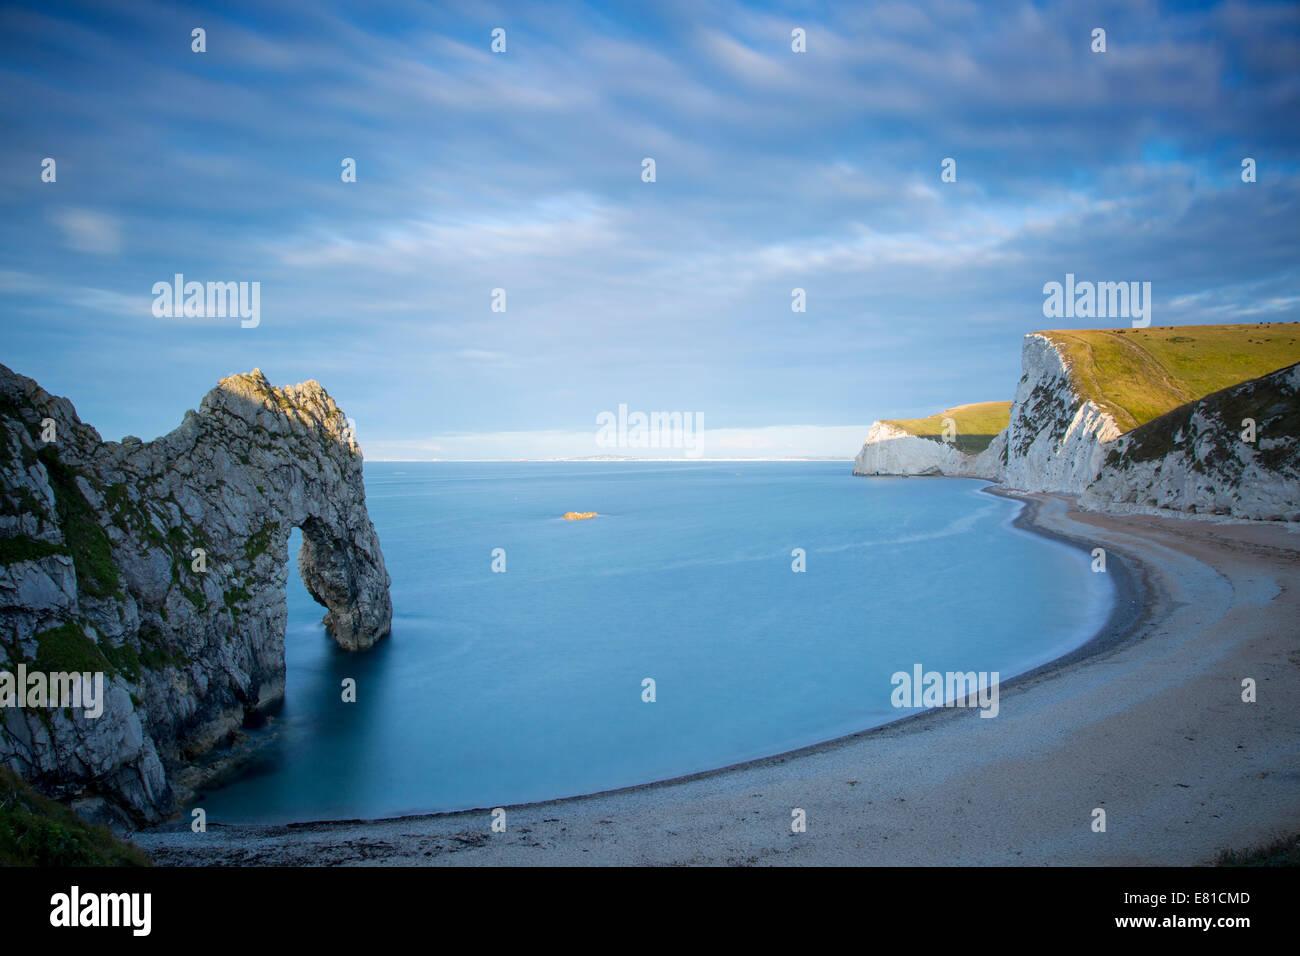 Amanecer sobre Durdle door y la Costa Jurásica, en Dorset, Inglaterra Imagen De Stock